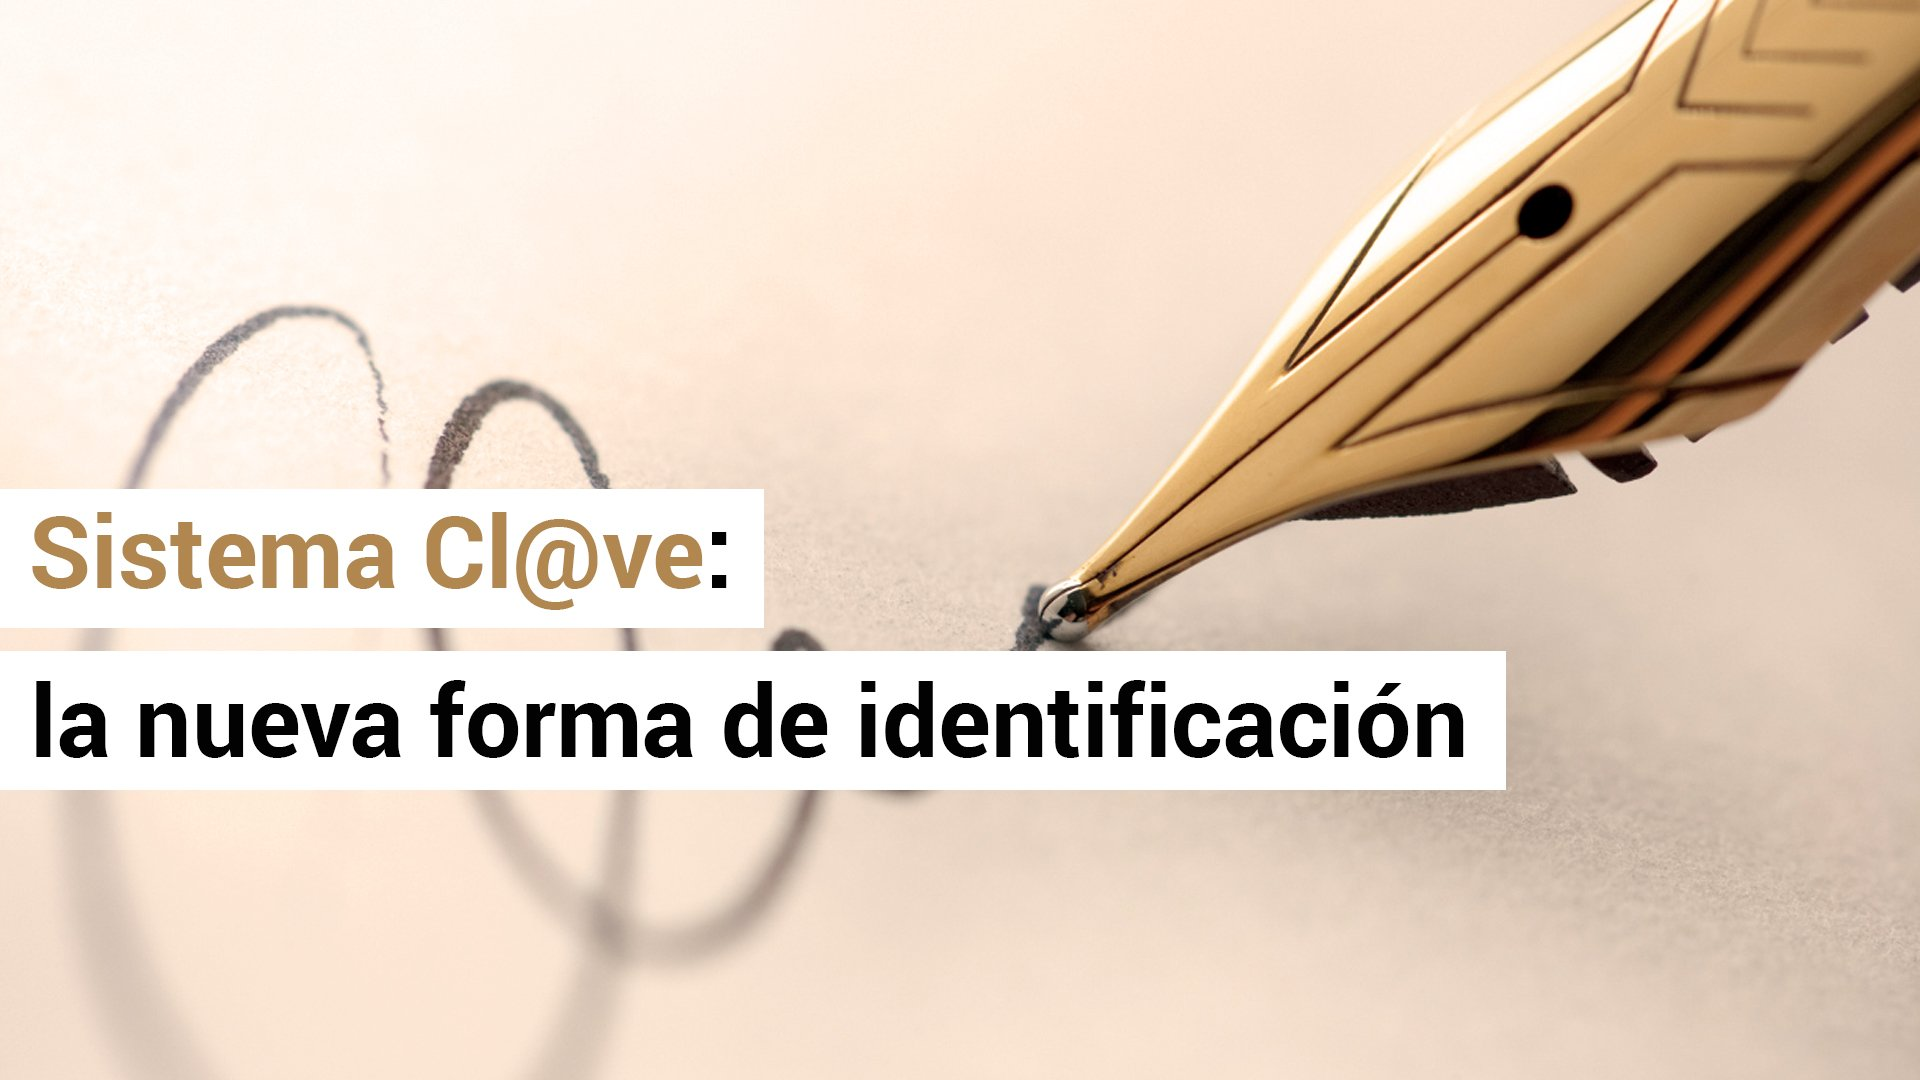 Hacienda lanza el sistema Cl@ve de firma electrónica